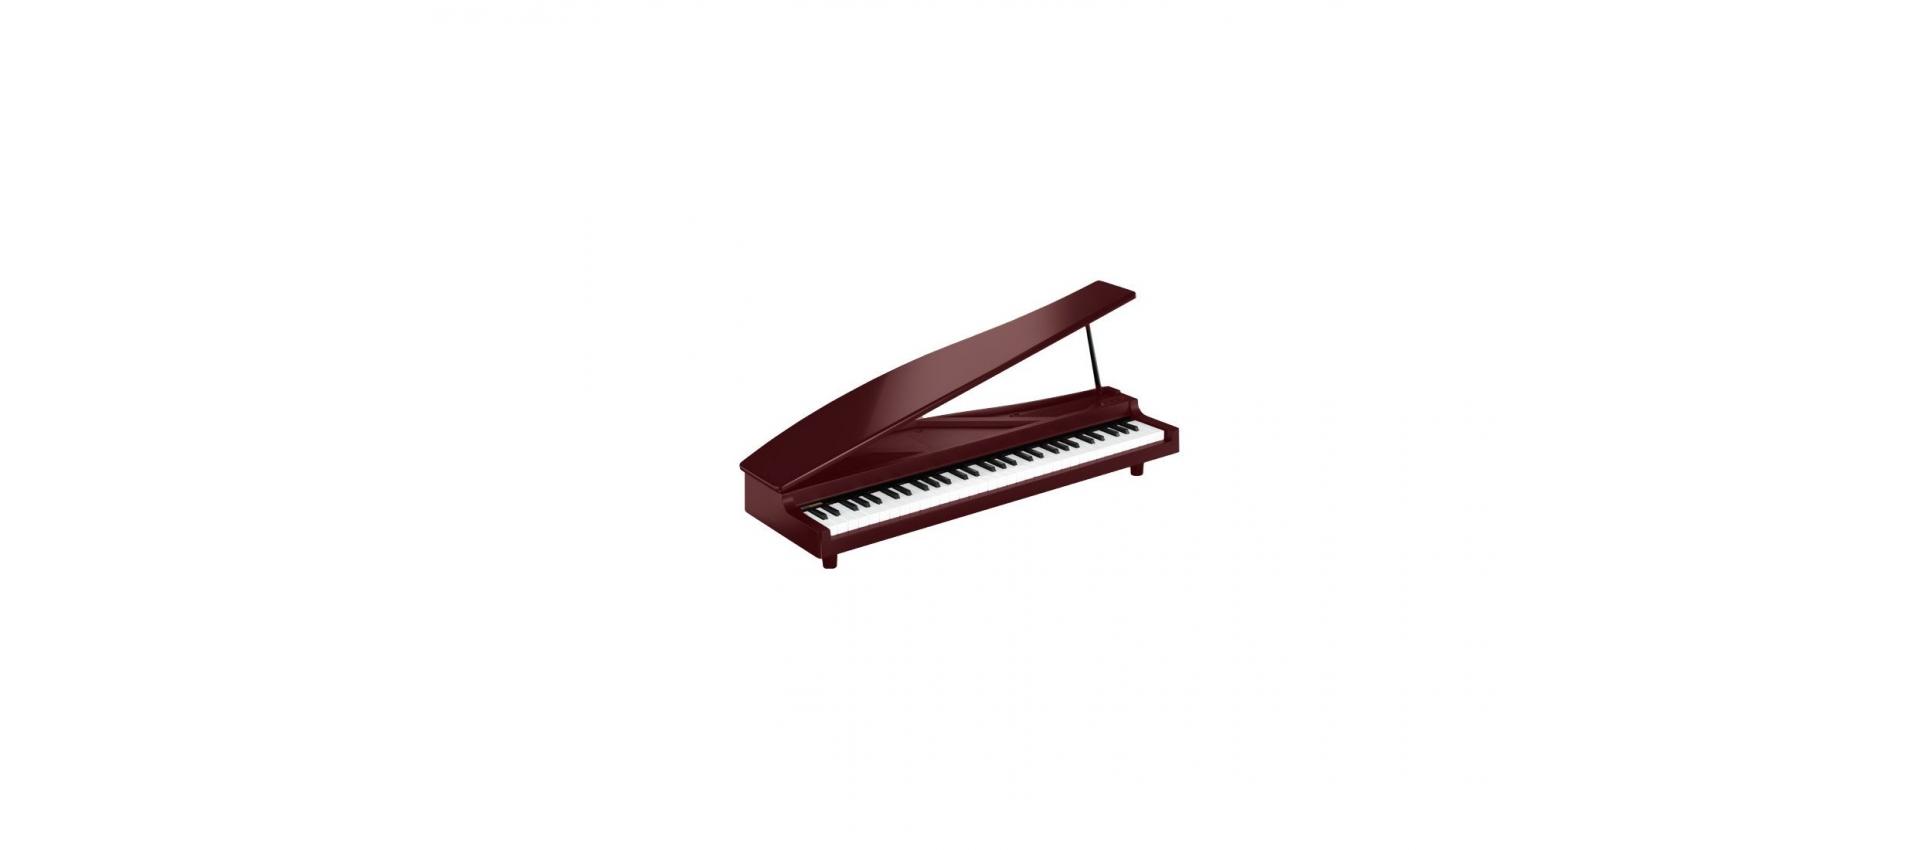 Korg micropiano antique cherry red signature for Micro piano casa compatto